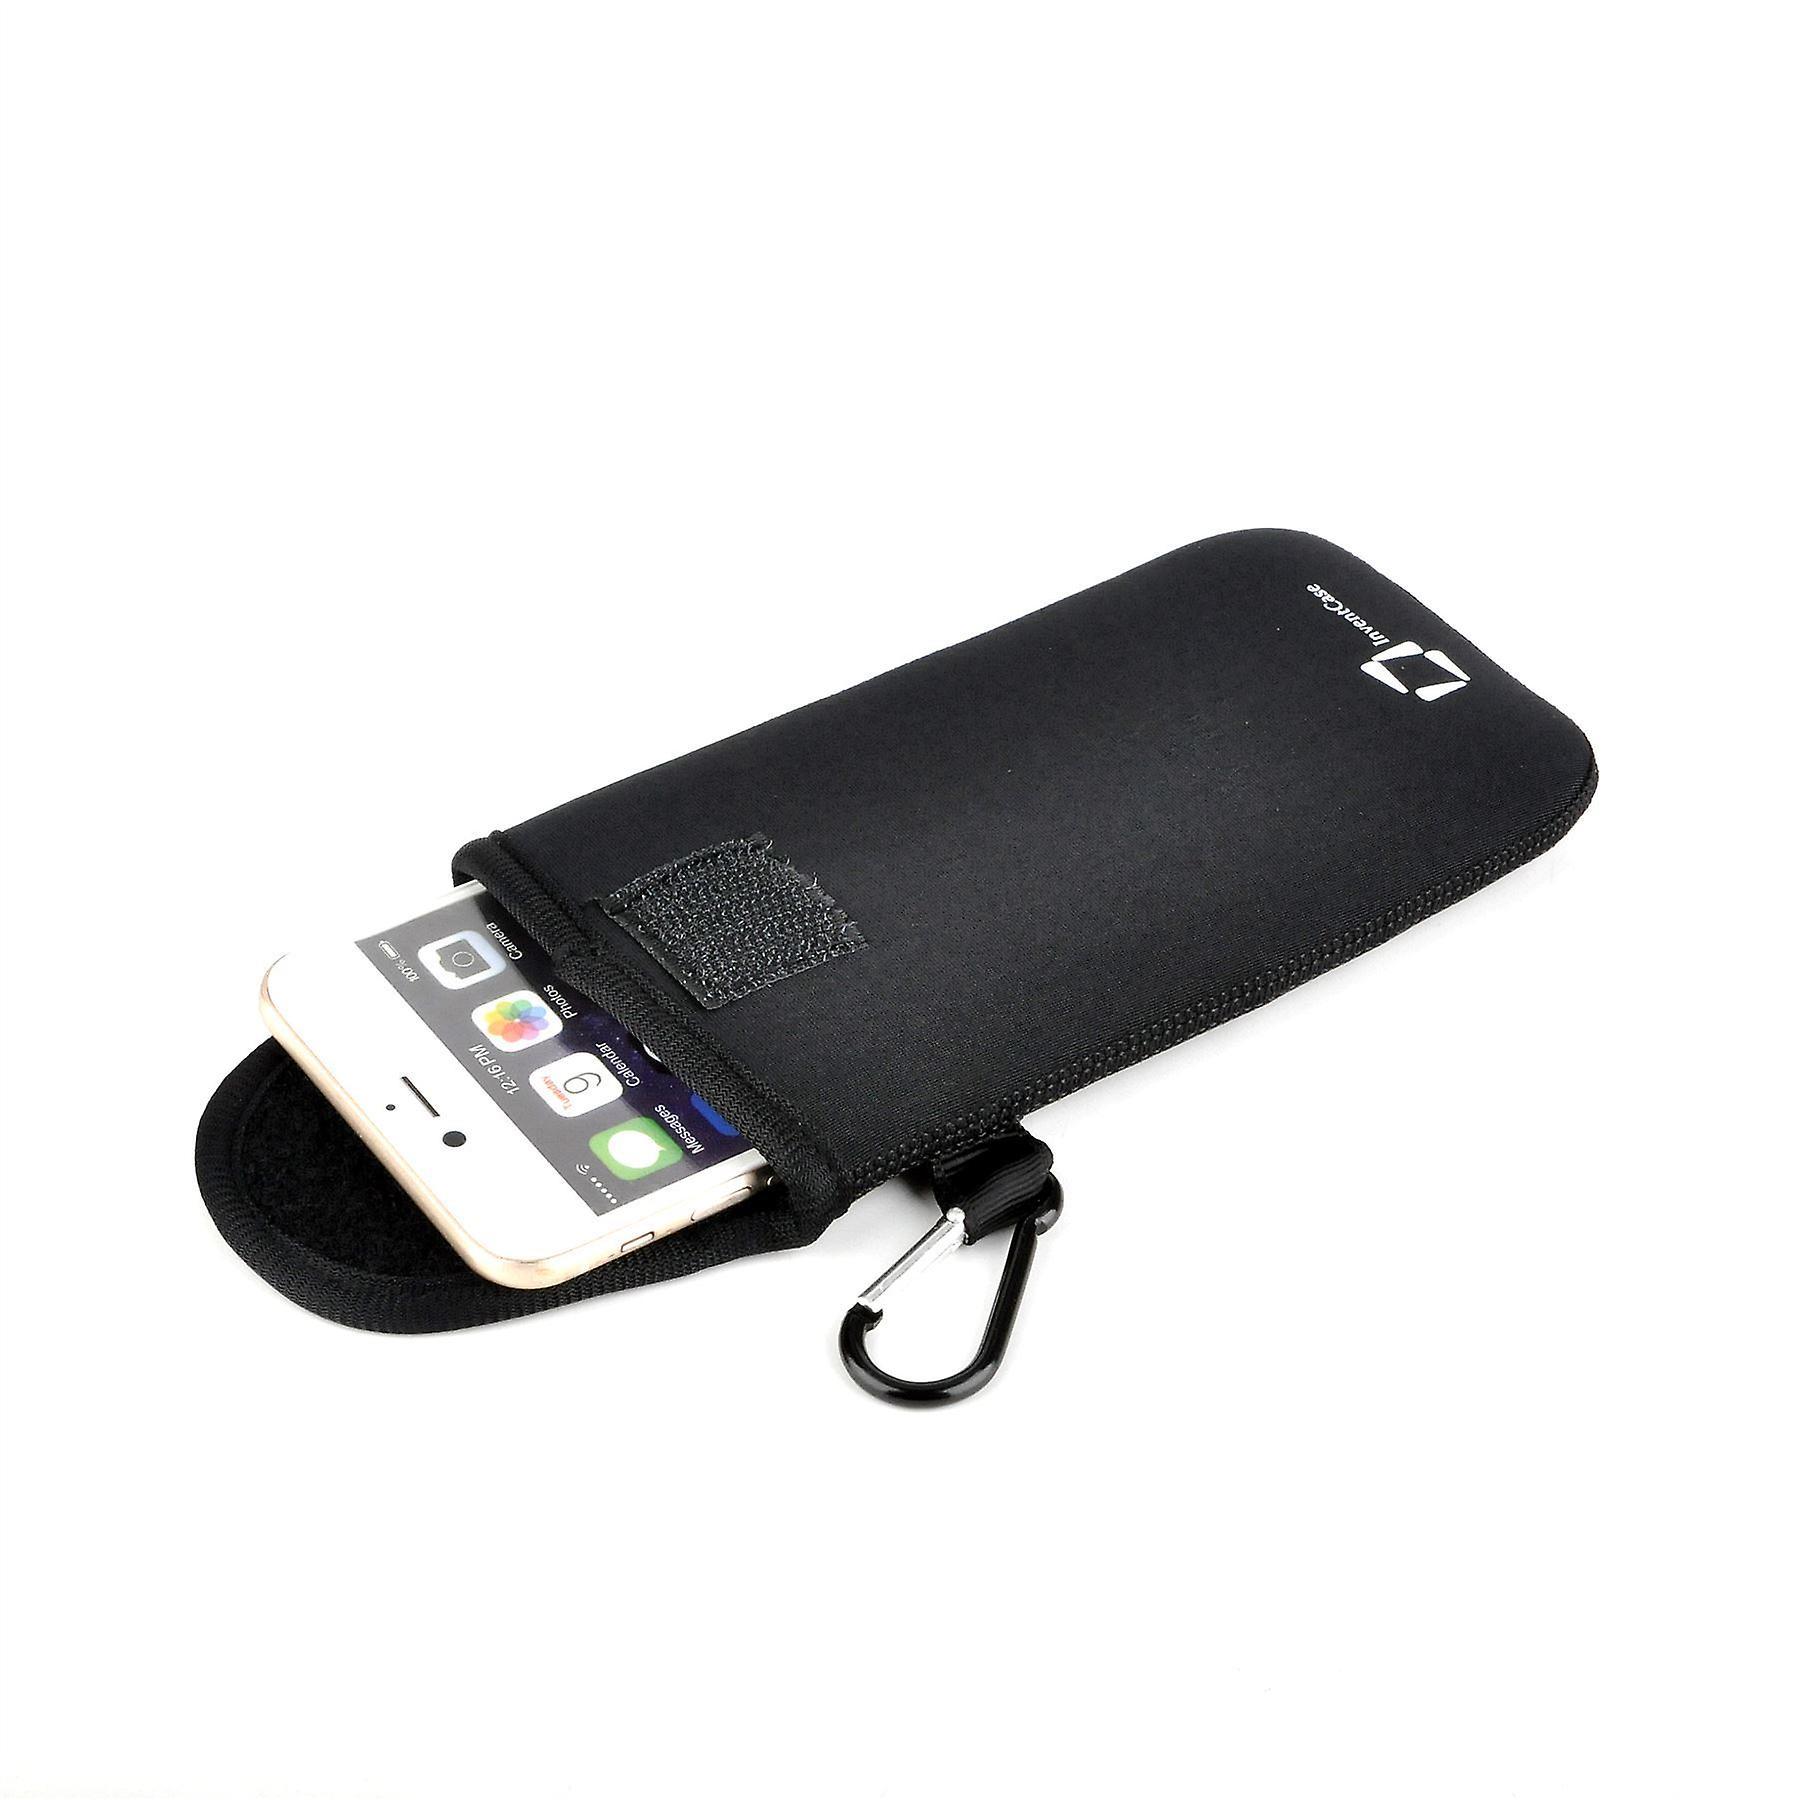 حقيبة تغطية القضية الحقيبة واقية مقاومة لتأثير النيوبرين إينفينتكاسي مع إغلاق Velcro والألمنيوم Carabiner لل جي G4-أسود